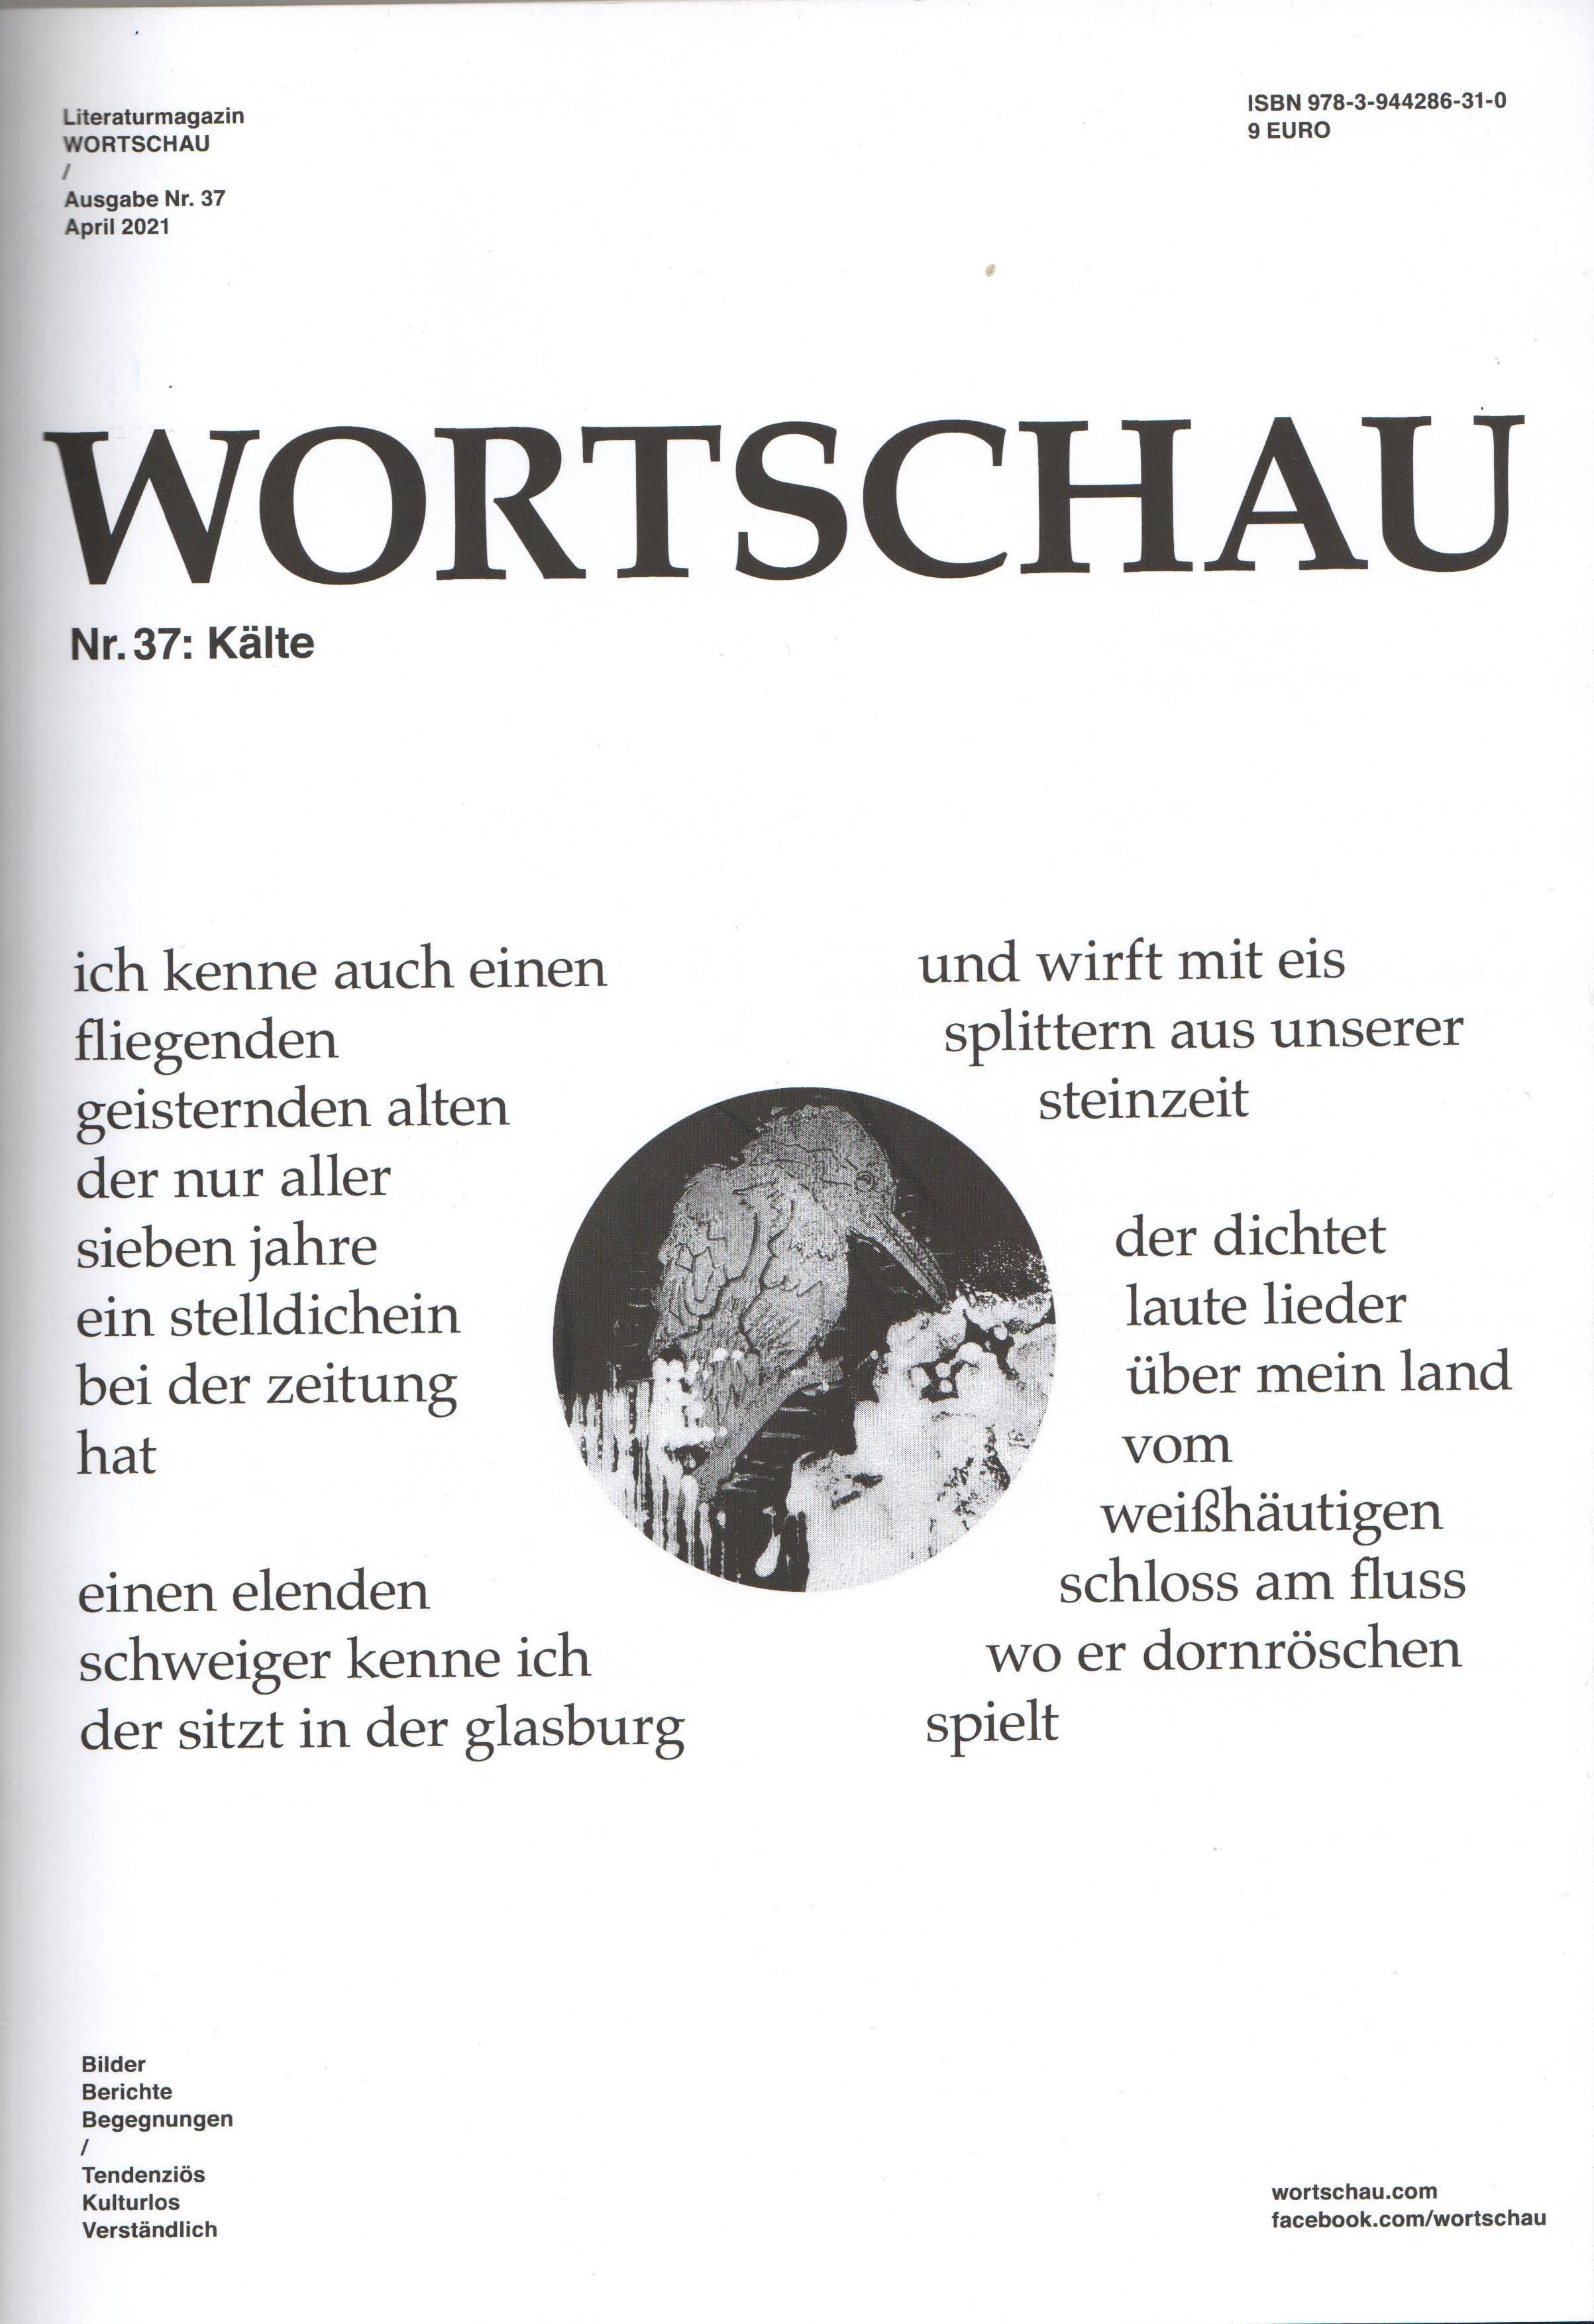 Wortschau Literaturmagazin - Cover